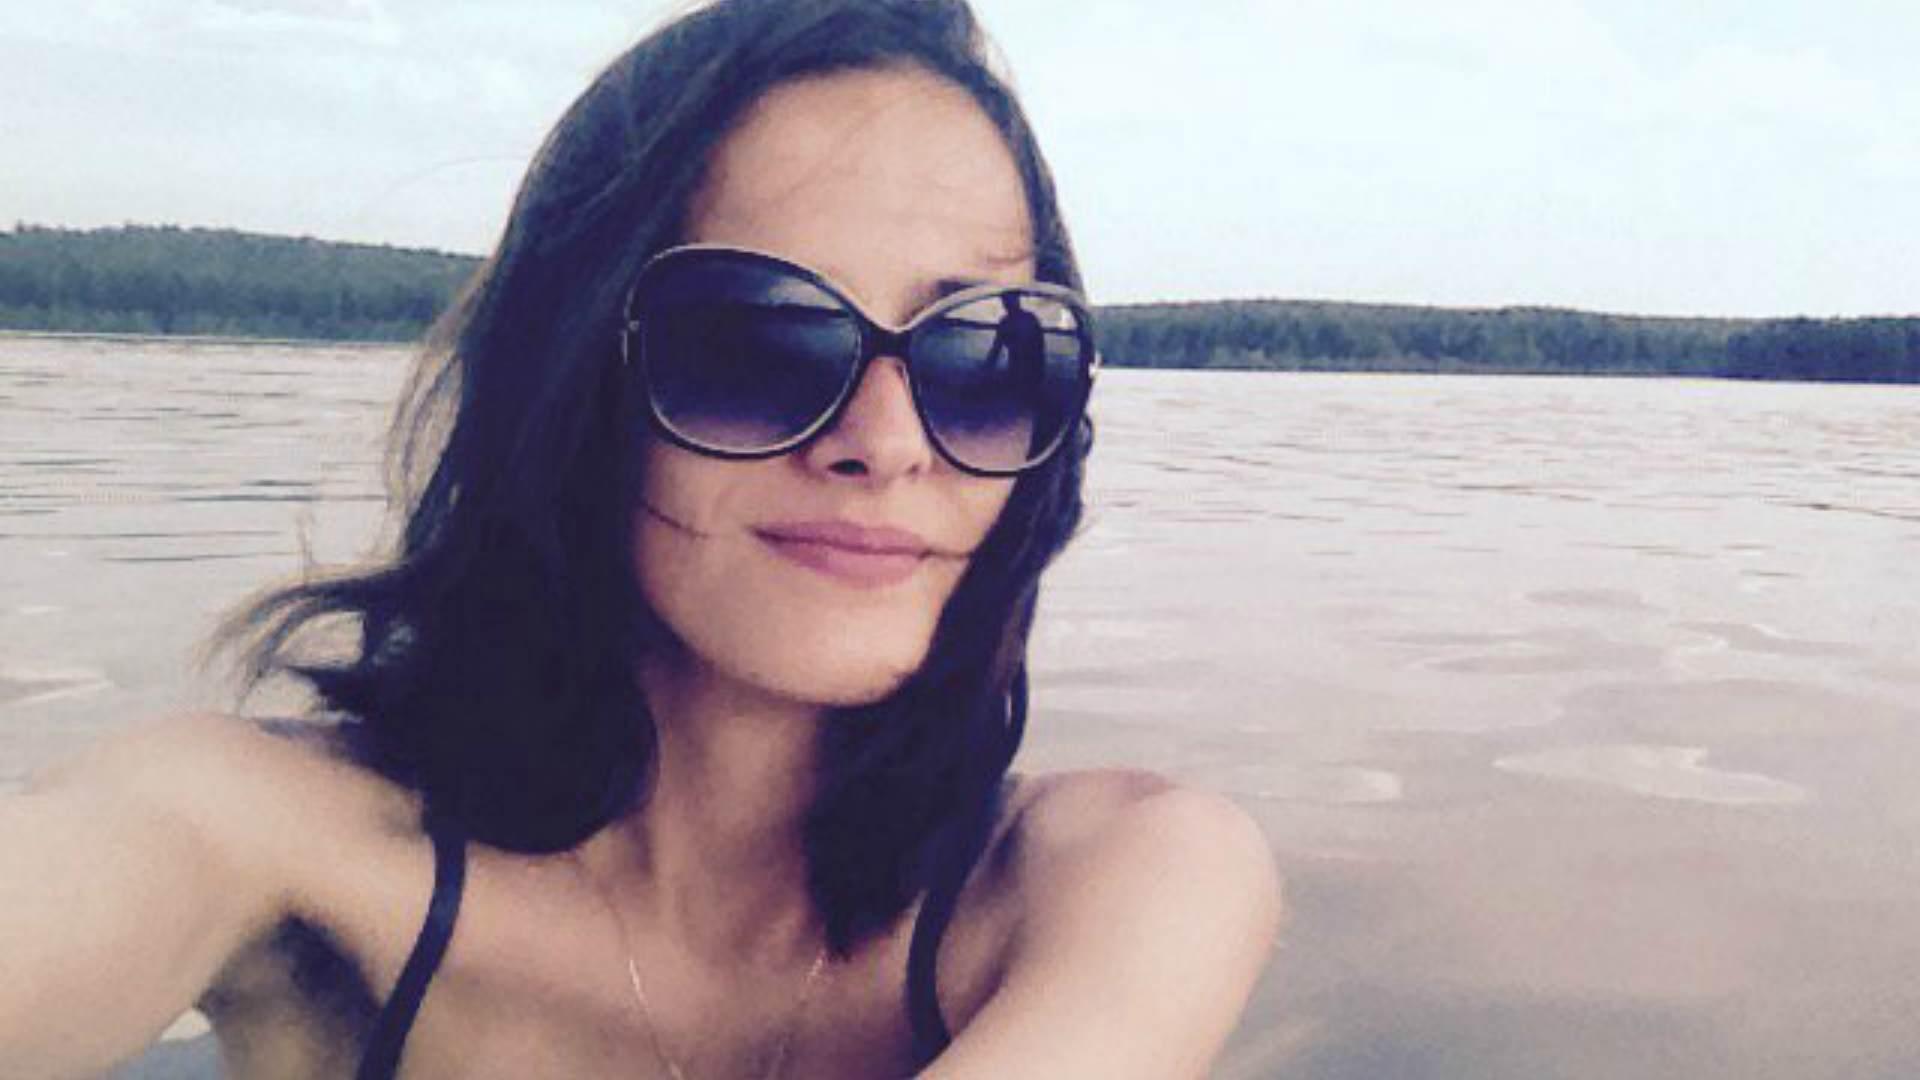 НаШирокой реке найден труп пропавшей девушки изНовоуральска